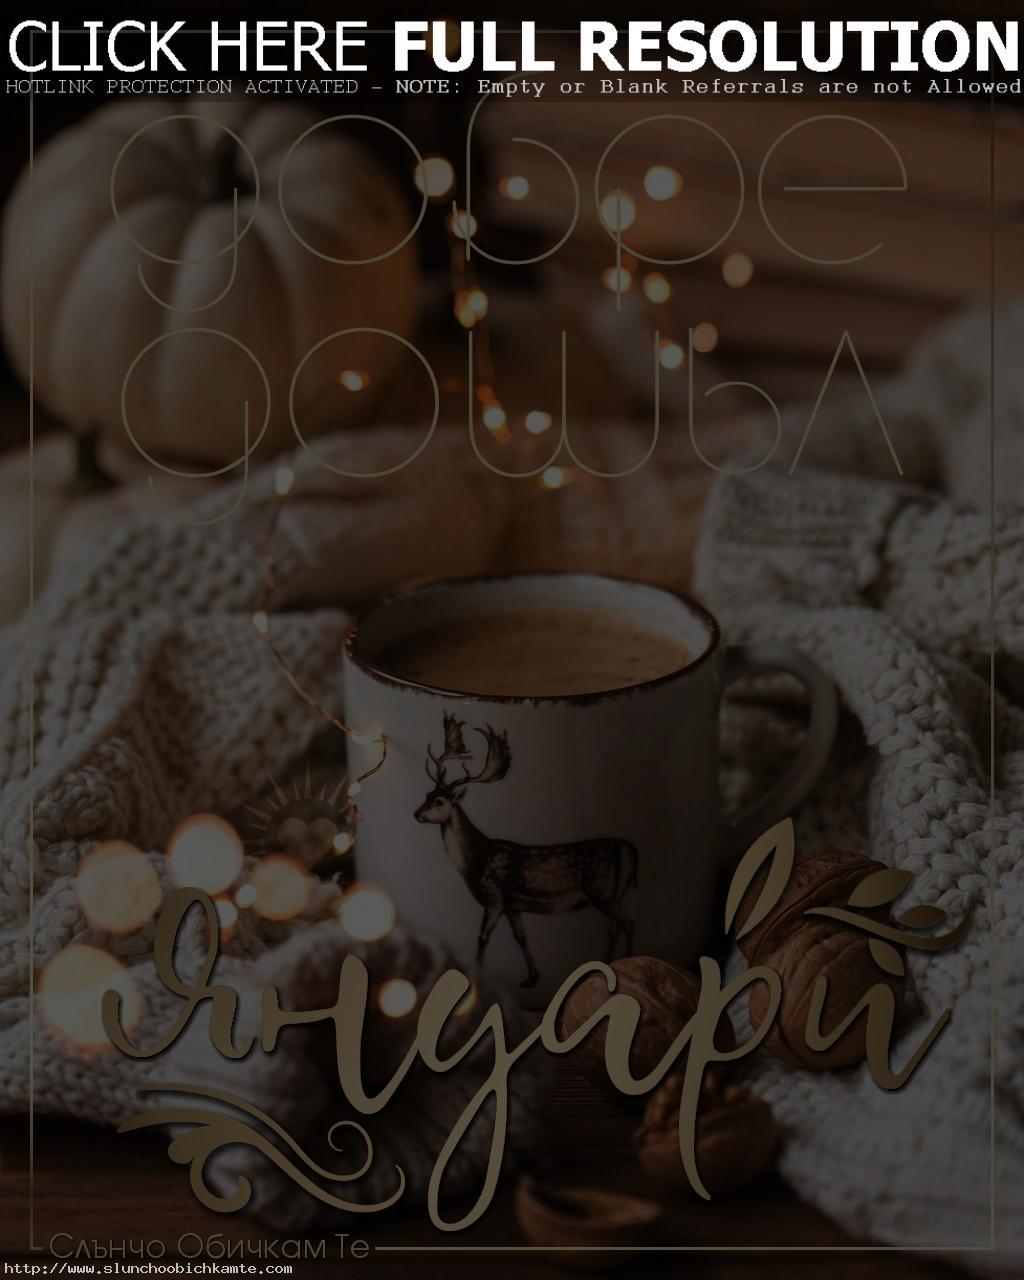 Добро утро на 1 януари 2021 - Добре дошъл януари 2021 - Честита нова година, Добро утро на новата година - Картички за Добро утро, пожелания за Нова година, за много години